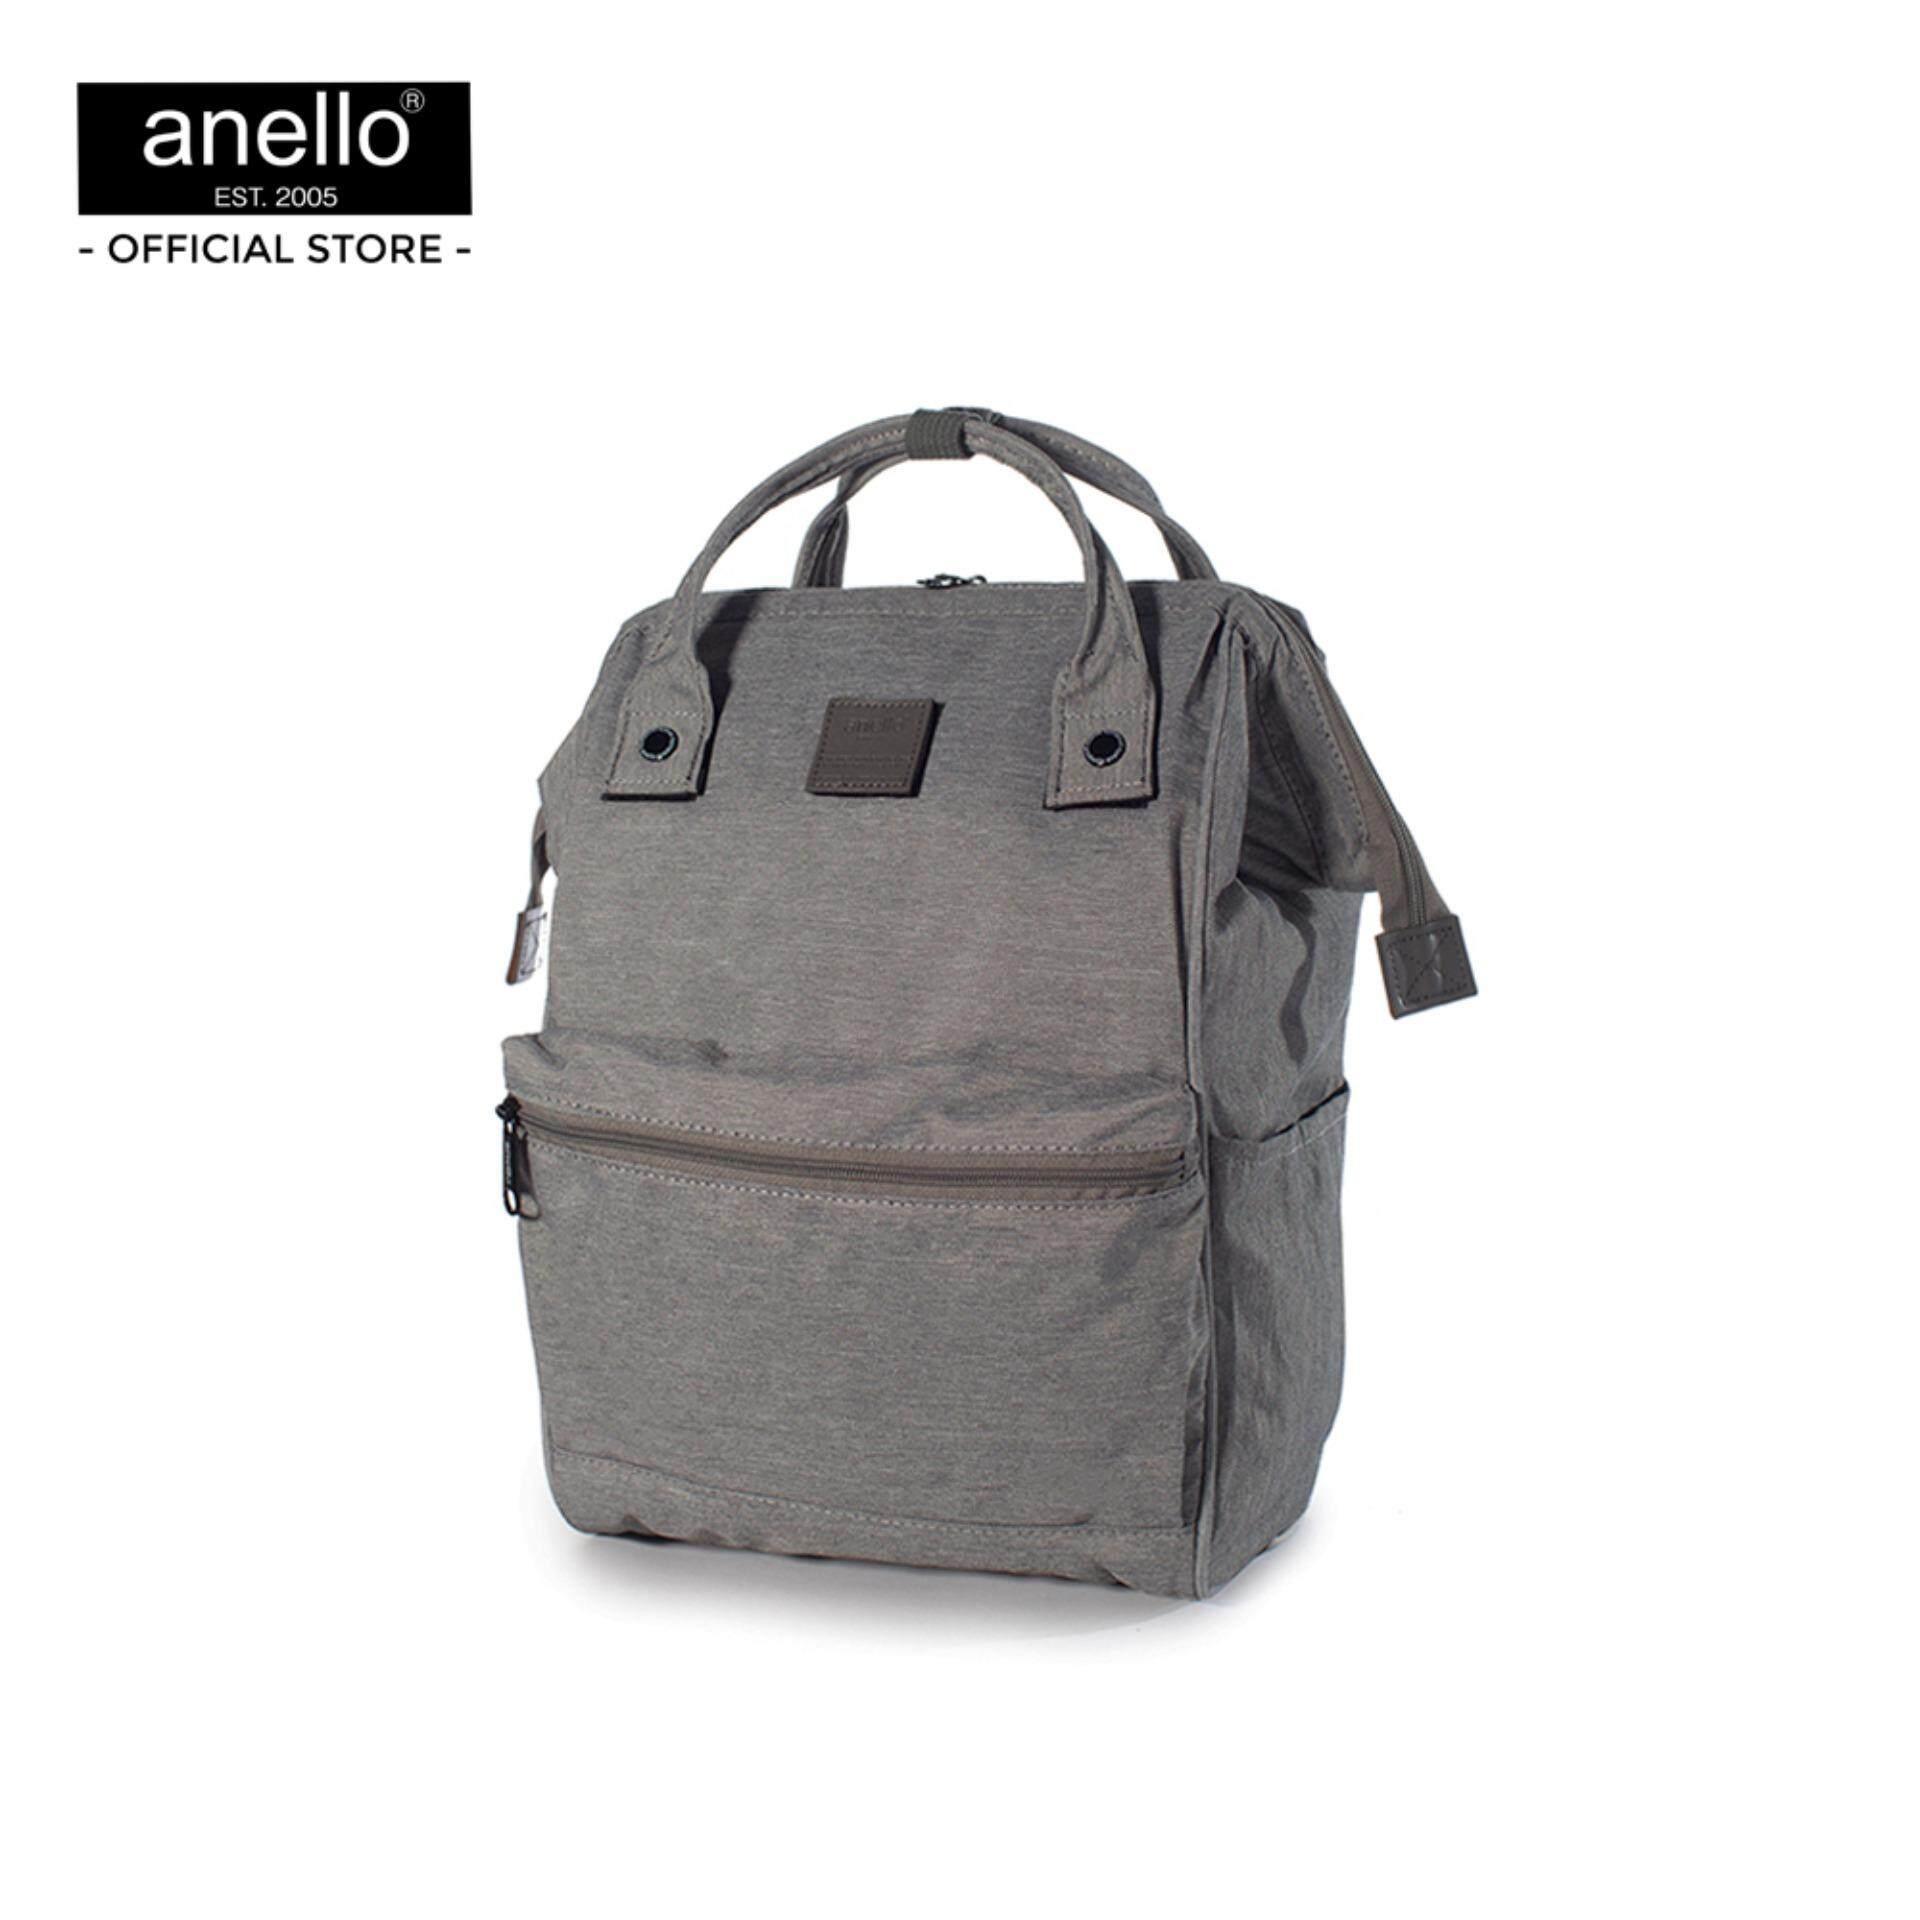 การใช้งาน  ปทุมธานี anello กระเป๋าเป้ RPCM Classic Mini Rucksack_AT-B2853